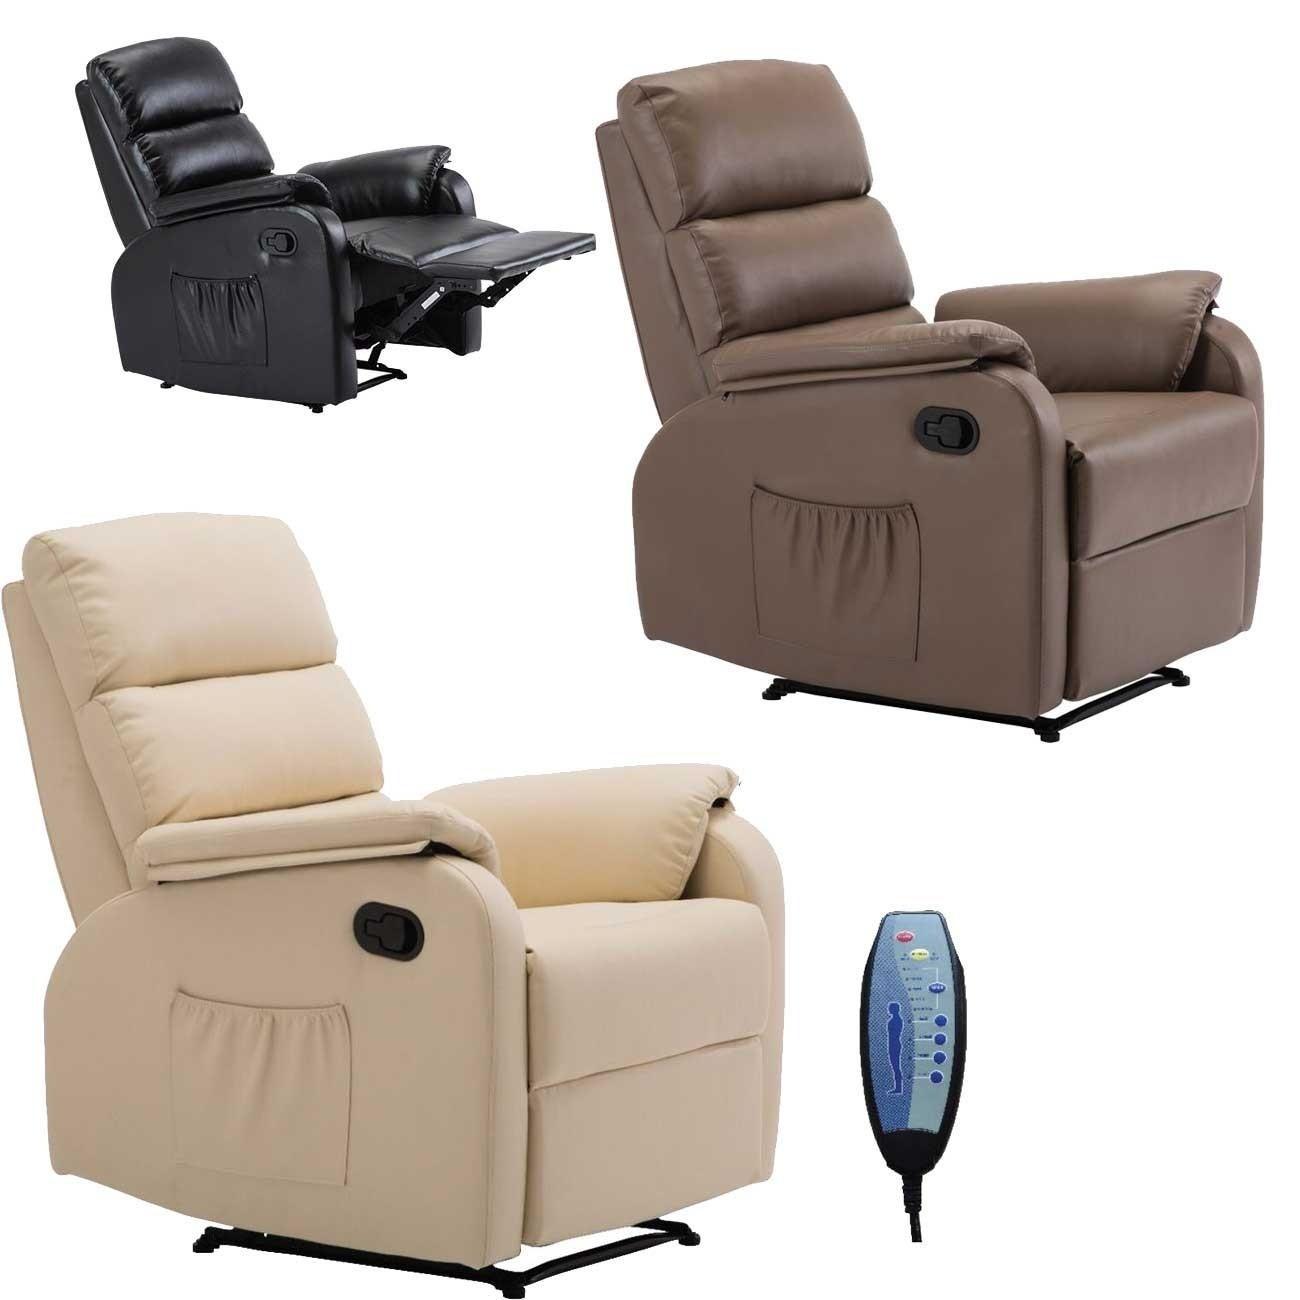 Πολυθρόνα Relax με μασάζ COMFORT Ε9733 - σε 3 χρώματα